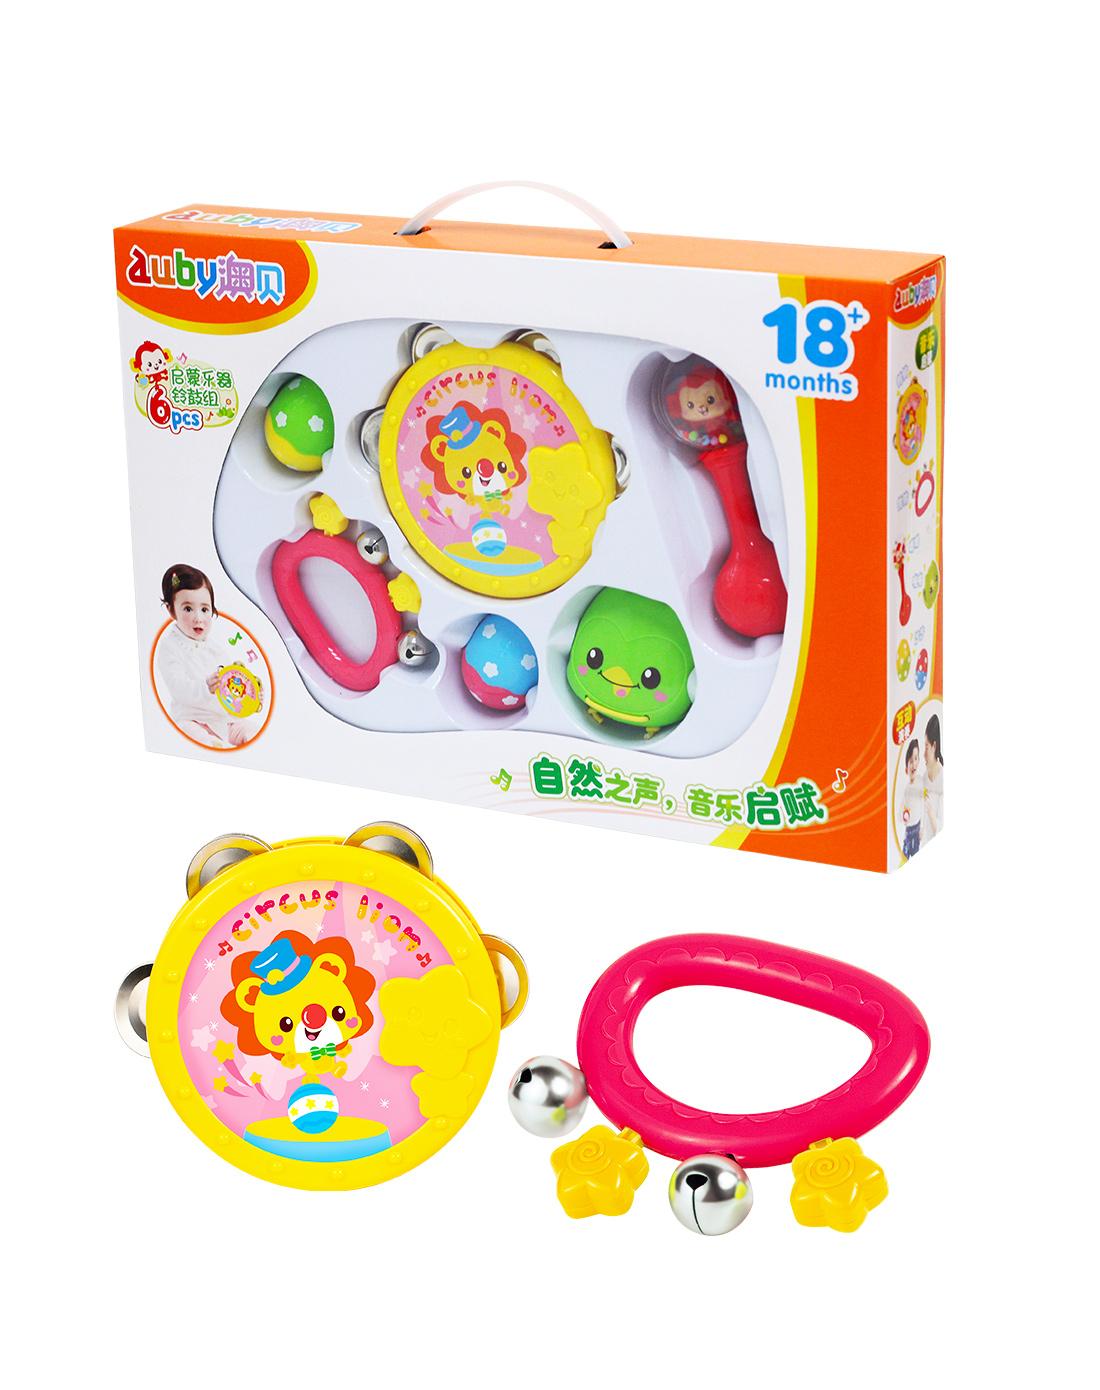 Auby/ австралия моллюск заумный твой муж музыкальные инструменты 6 кусок ребенок просветить музыкальные инструменты бубен группа